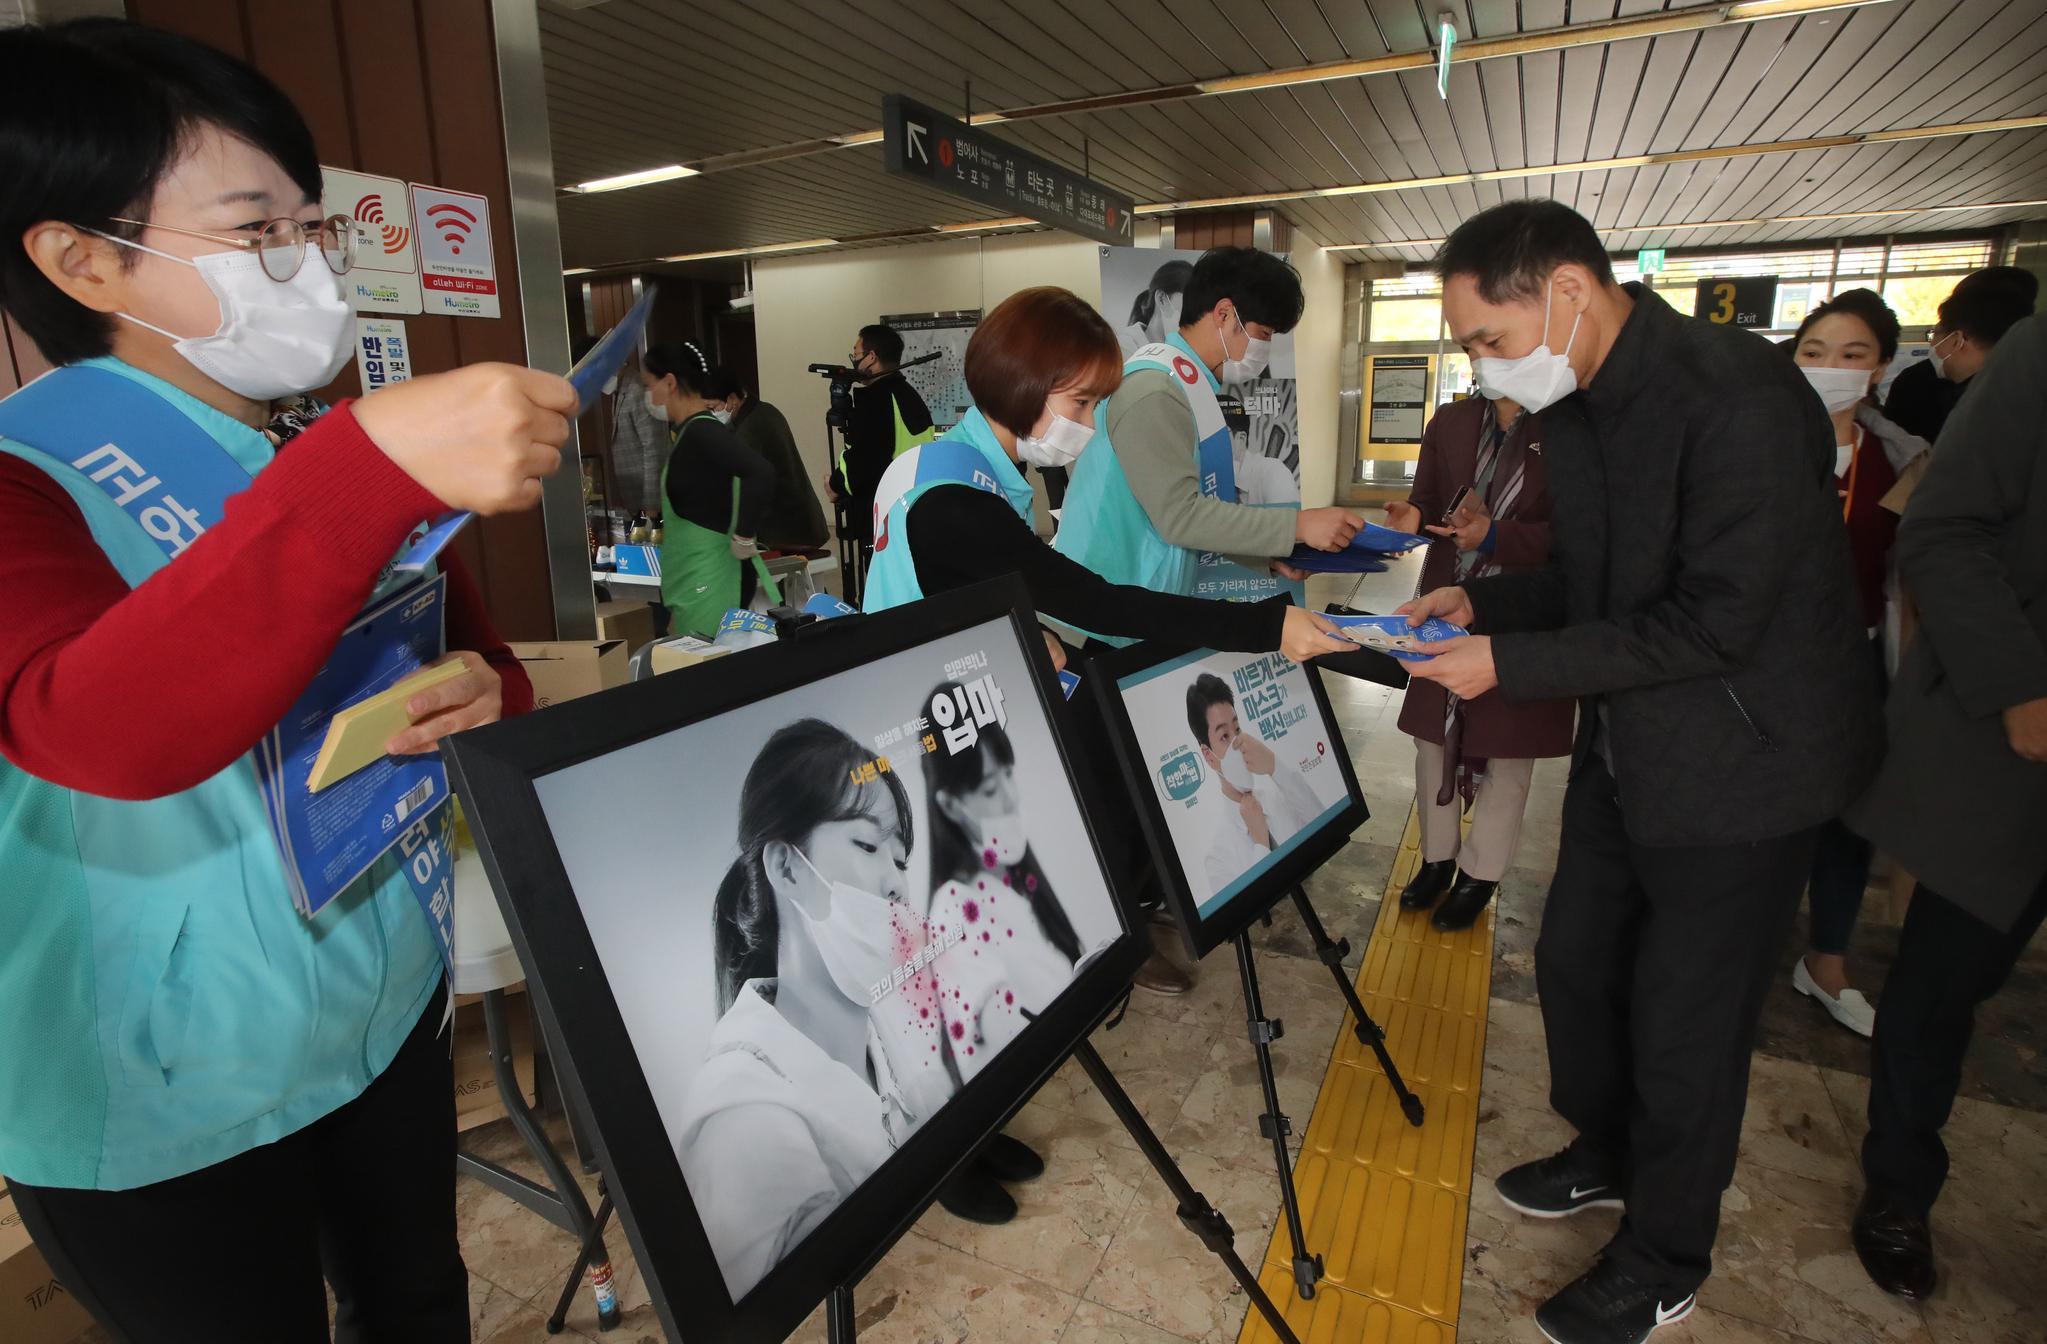 위아자나눔장터 2020 부산행사가 14일 부산 지하철1호선 아름다운가게 명륜역점에서 열렸다. 국민건강보험공단 부산지역본부 직원들이 마스크 바로쓰기 캠페인을 하고 있다. 송봉근 기자